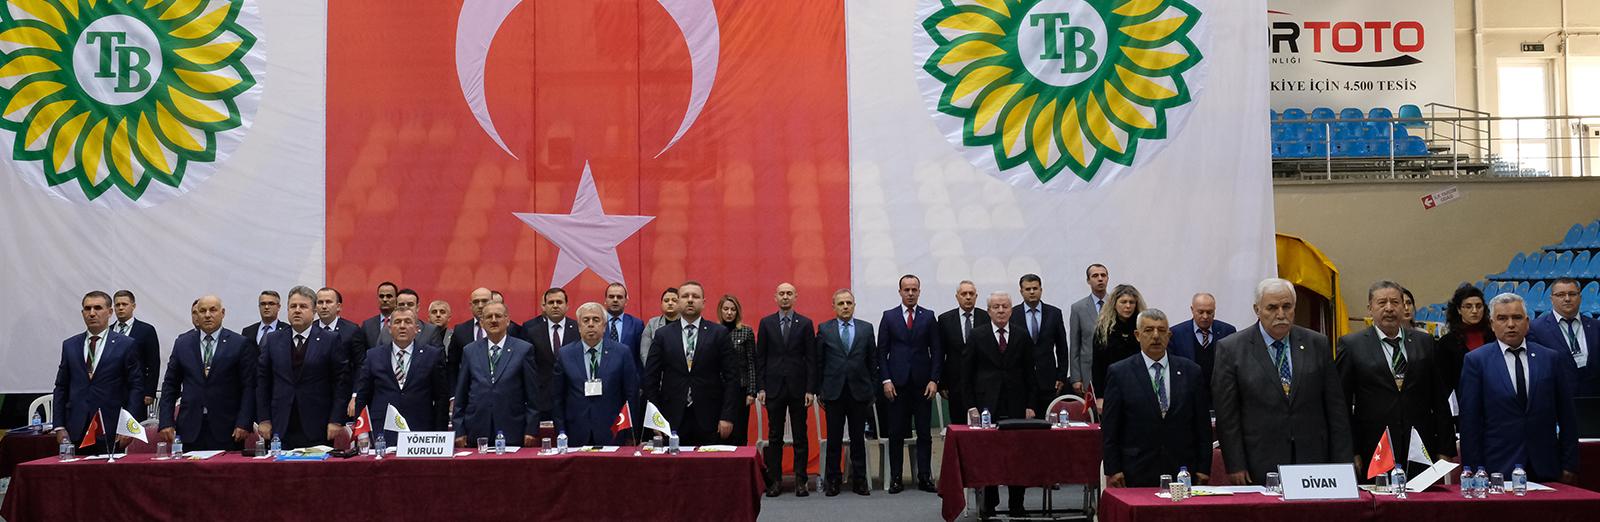 Birliğimiz 2018/2019 İş Yılı Olağan Genel Kurul Toplantısı Edirne Mimar Sinan Kapalı Spor Salonunda Yapıldı.Genel Kurulu Yapıldı